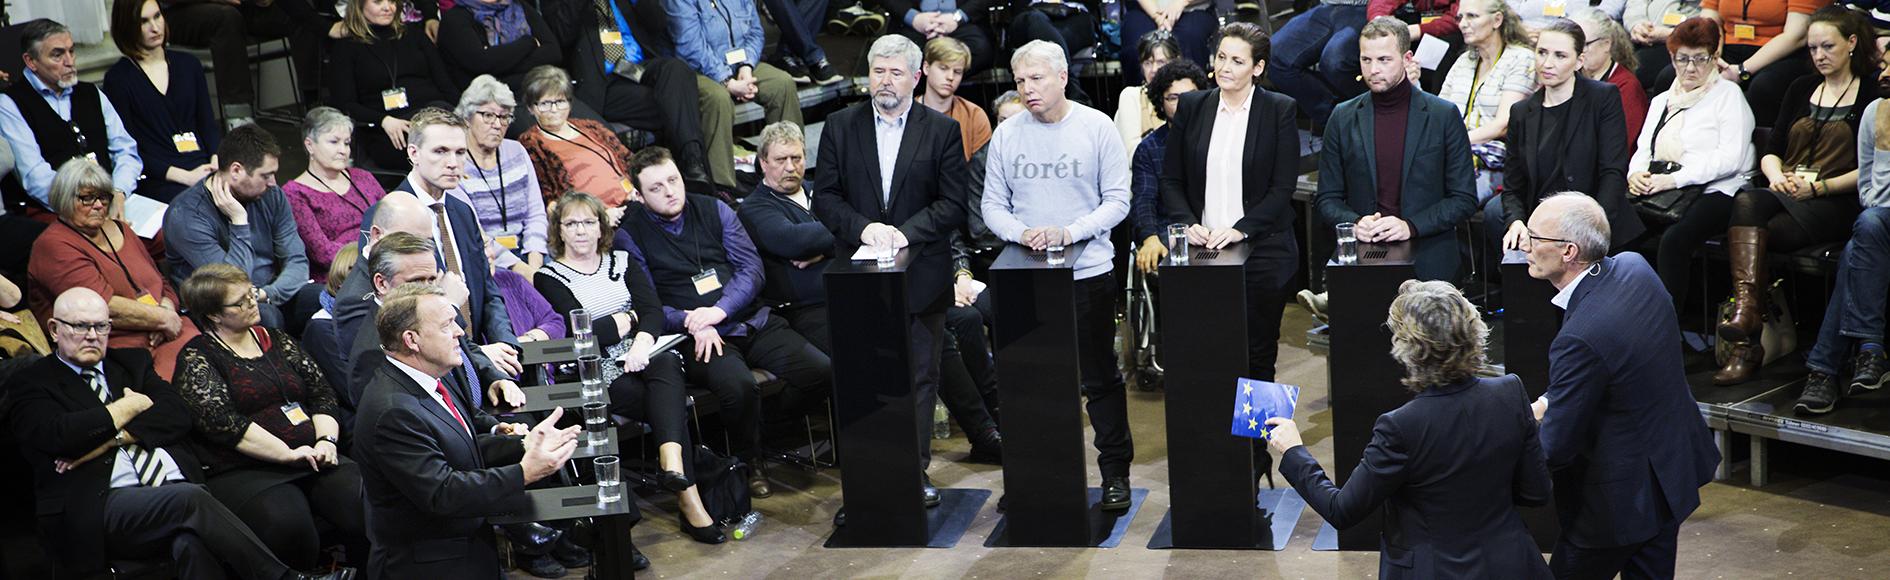 Folkehøring om EU - partileder